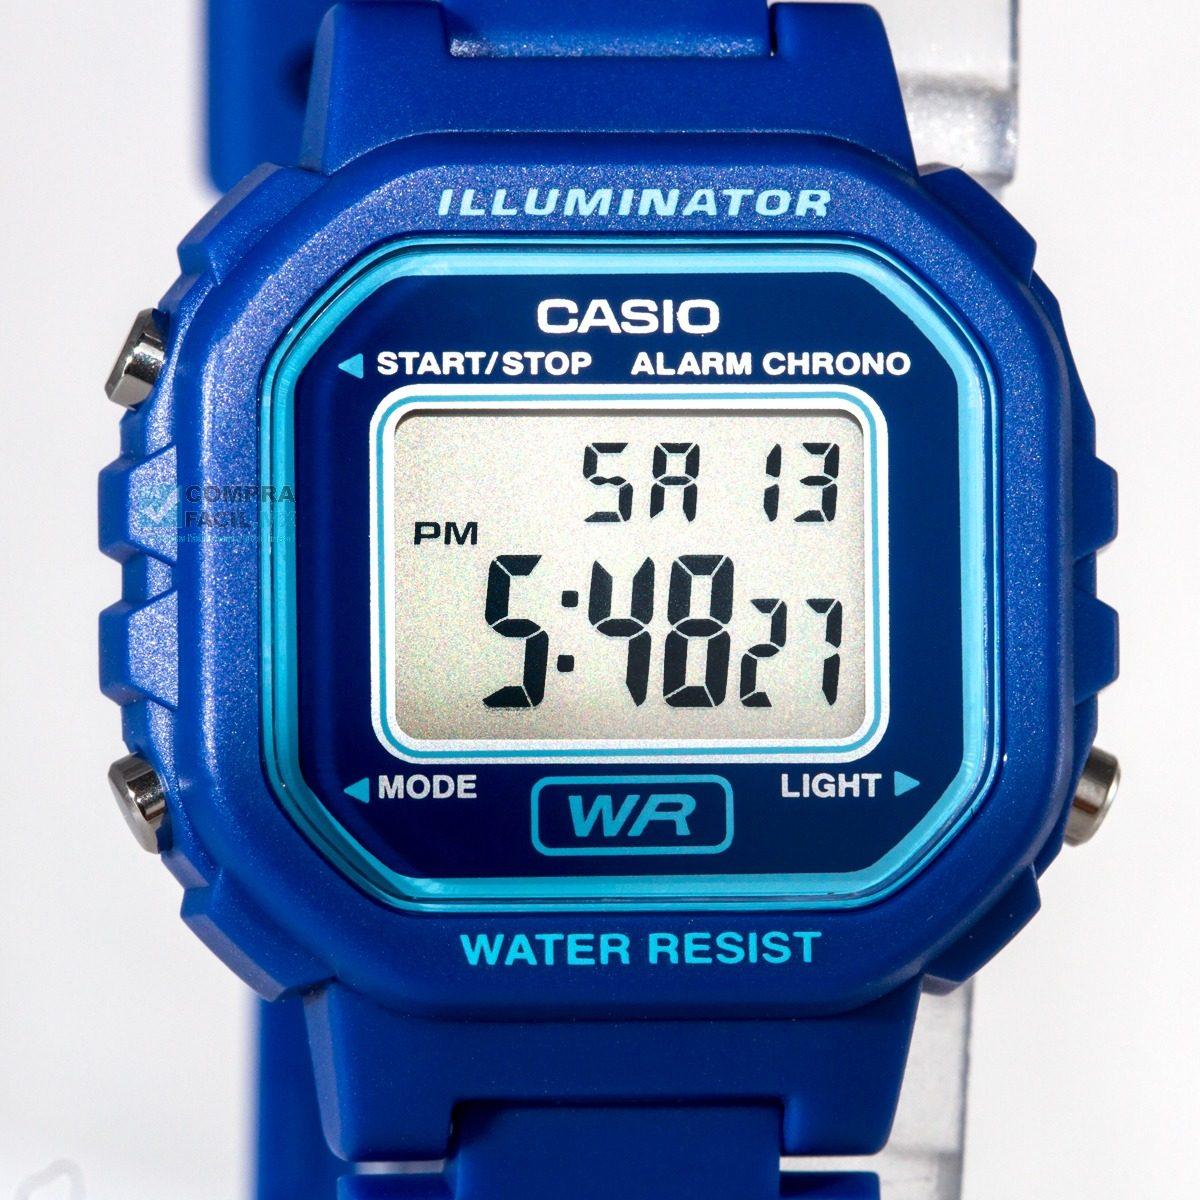 95eea0c437af Reloj Dama Casio La20 Azul - Diseño Clásico - Cfmx -   549.00 en ...